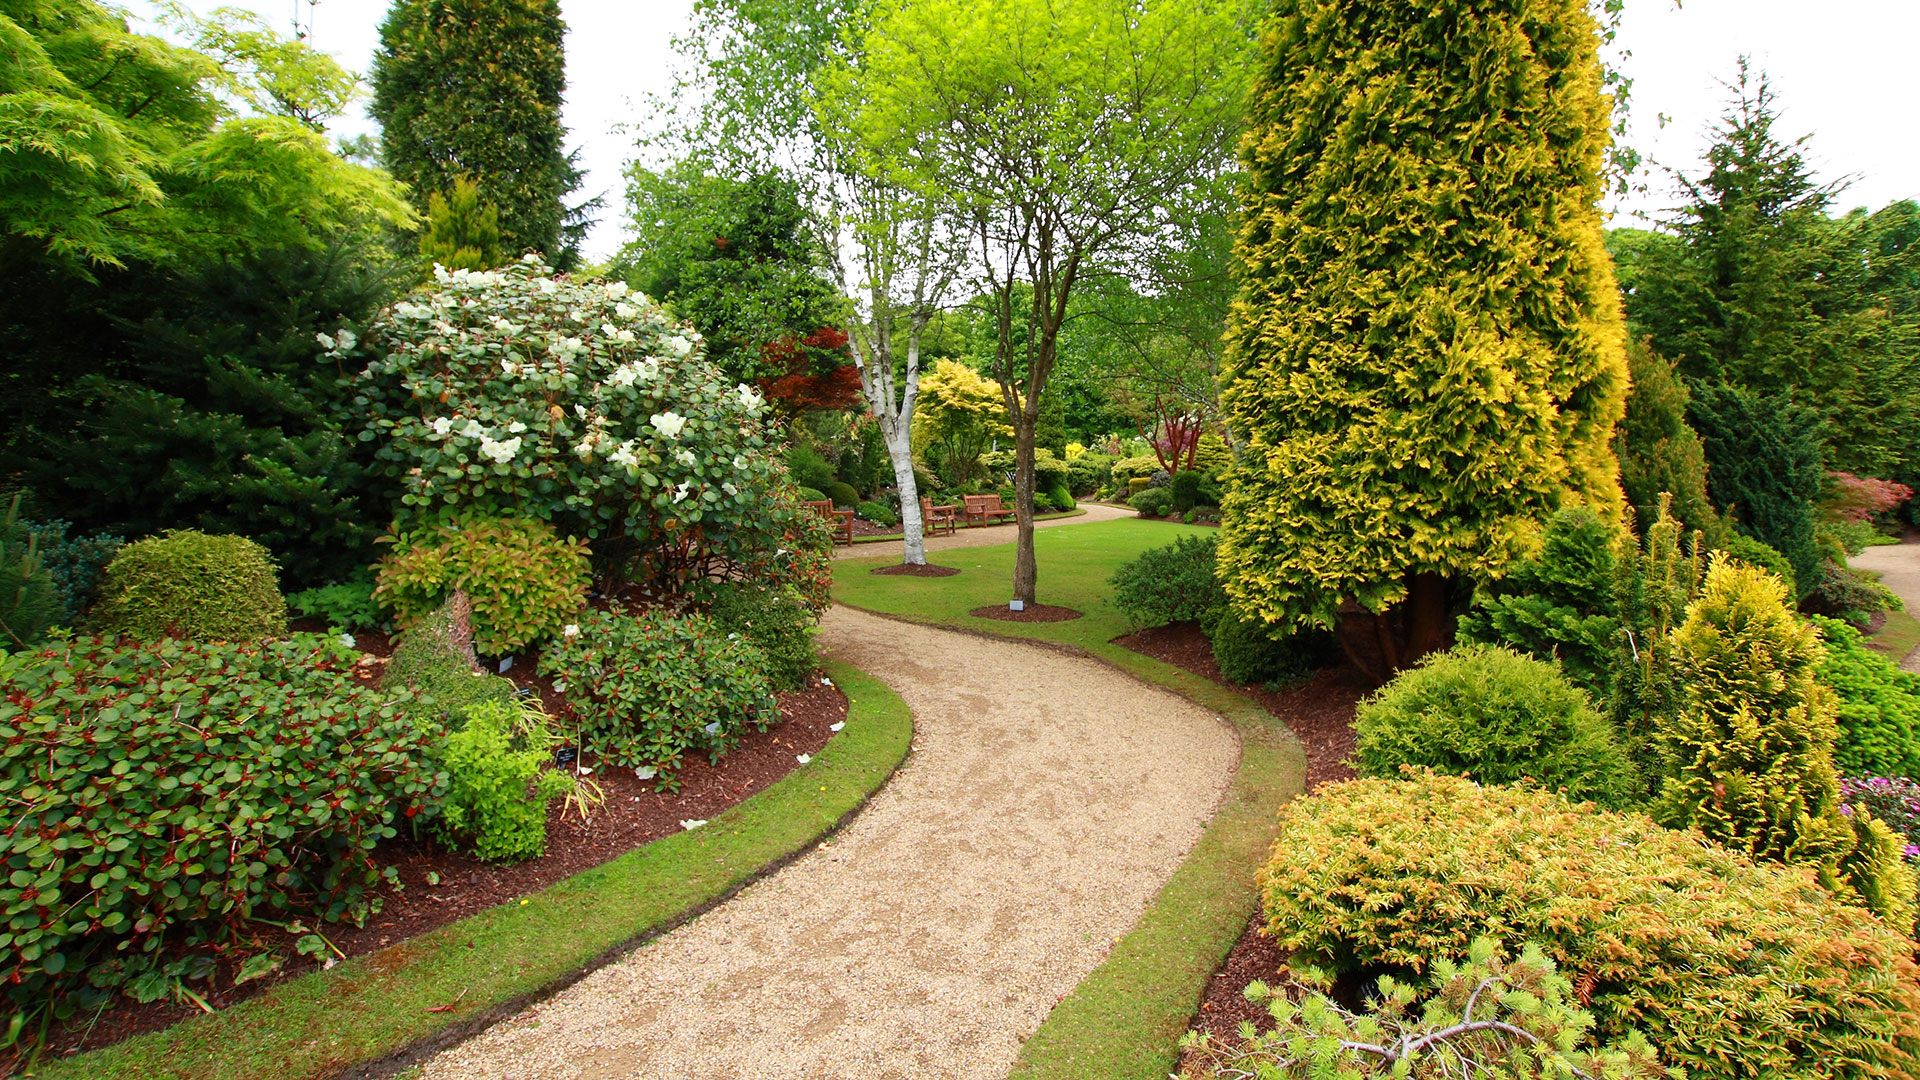 Littleton Landscaping: Landscape Design, Installation and ...